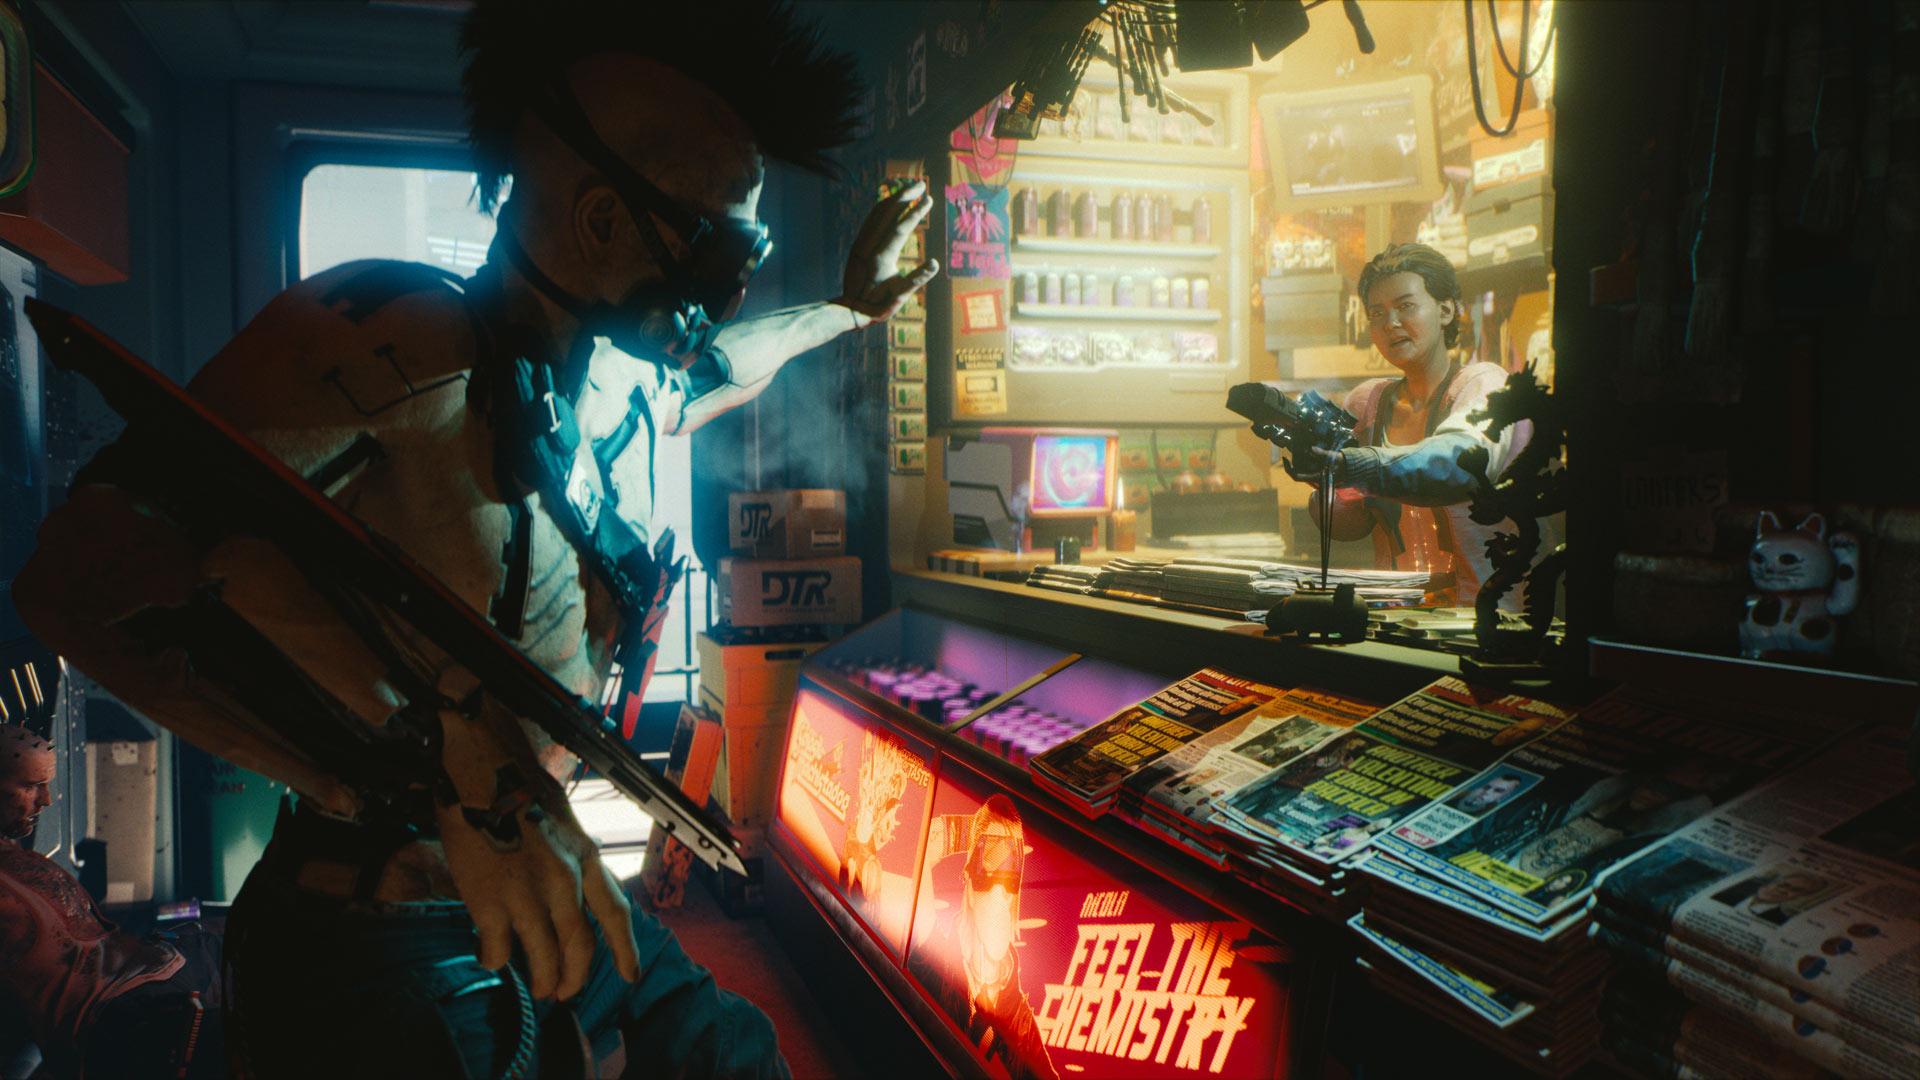 大都市night cityの日常を描いた cyberpunk 2077 の日本語字幕入りe3